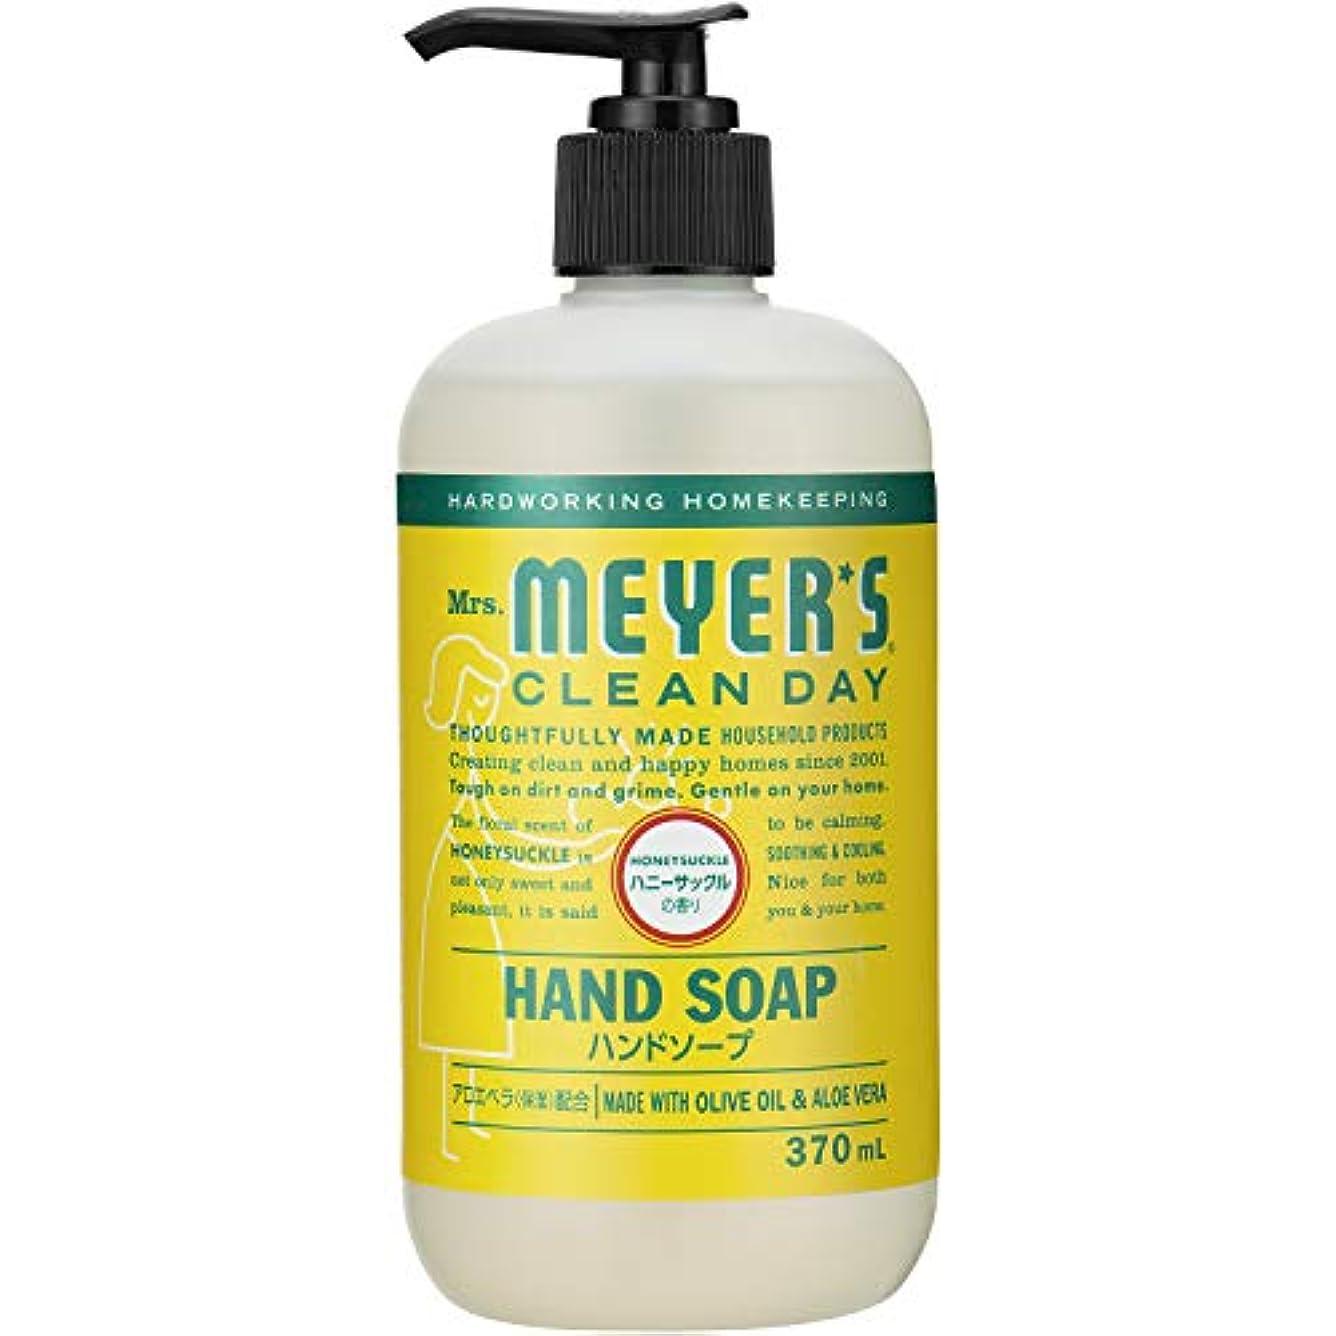 プロテスタント線形事前にMrs. MEYER'S CLEAN DAY(ミセスマイヤーズ クリーンデイ) ミセスマイヤーズ クリーンデイ(Mrs.Meyers Clean Day) ハンドソープ ハニーサックルの香り 370ml 1個